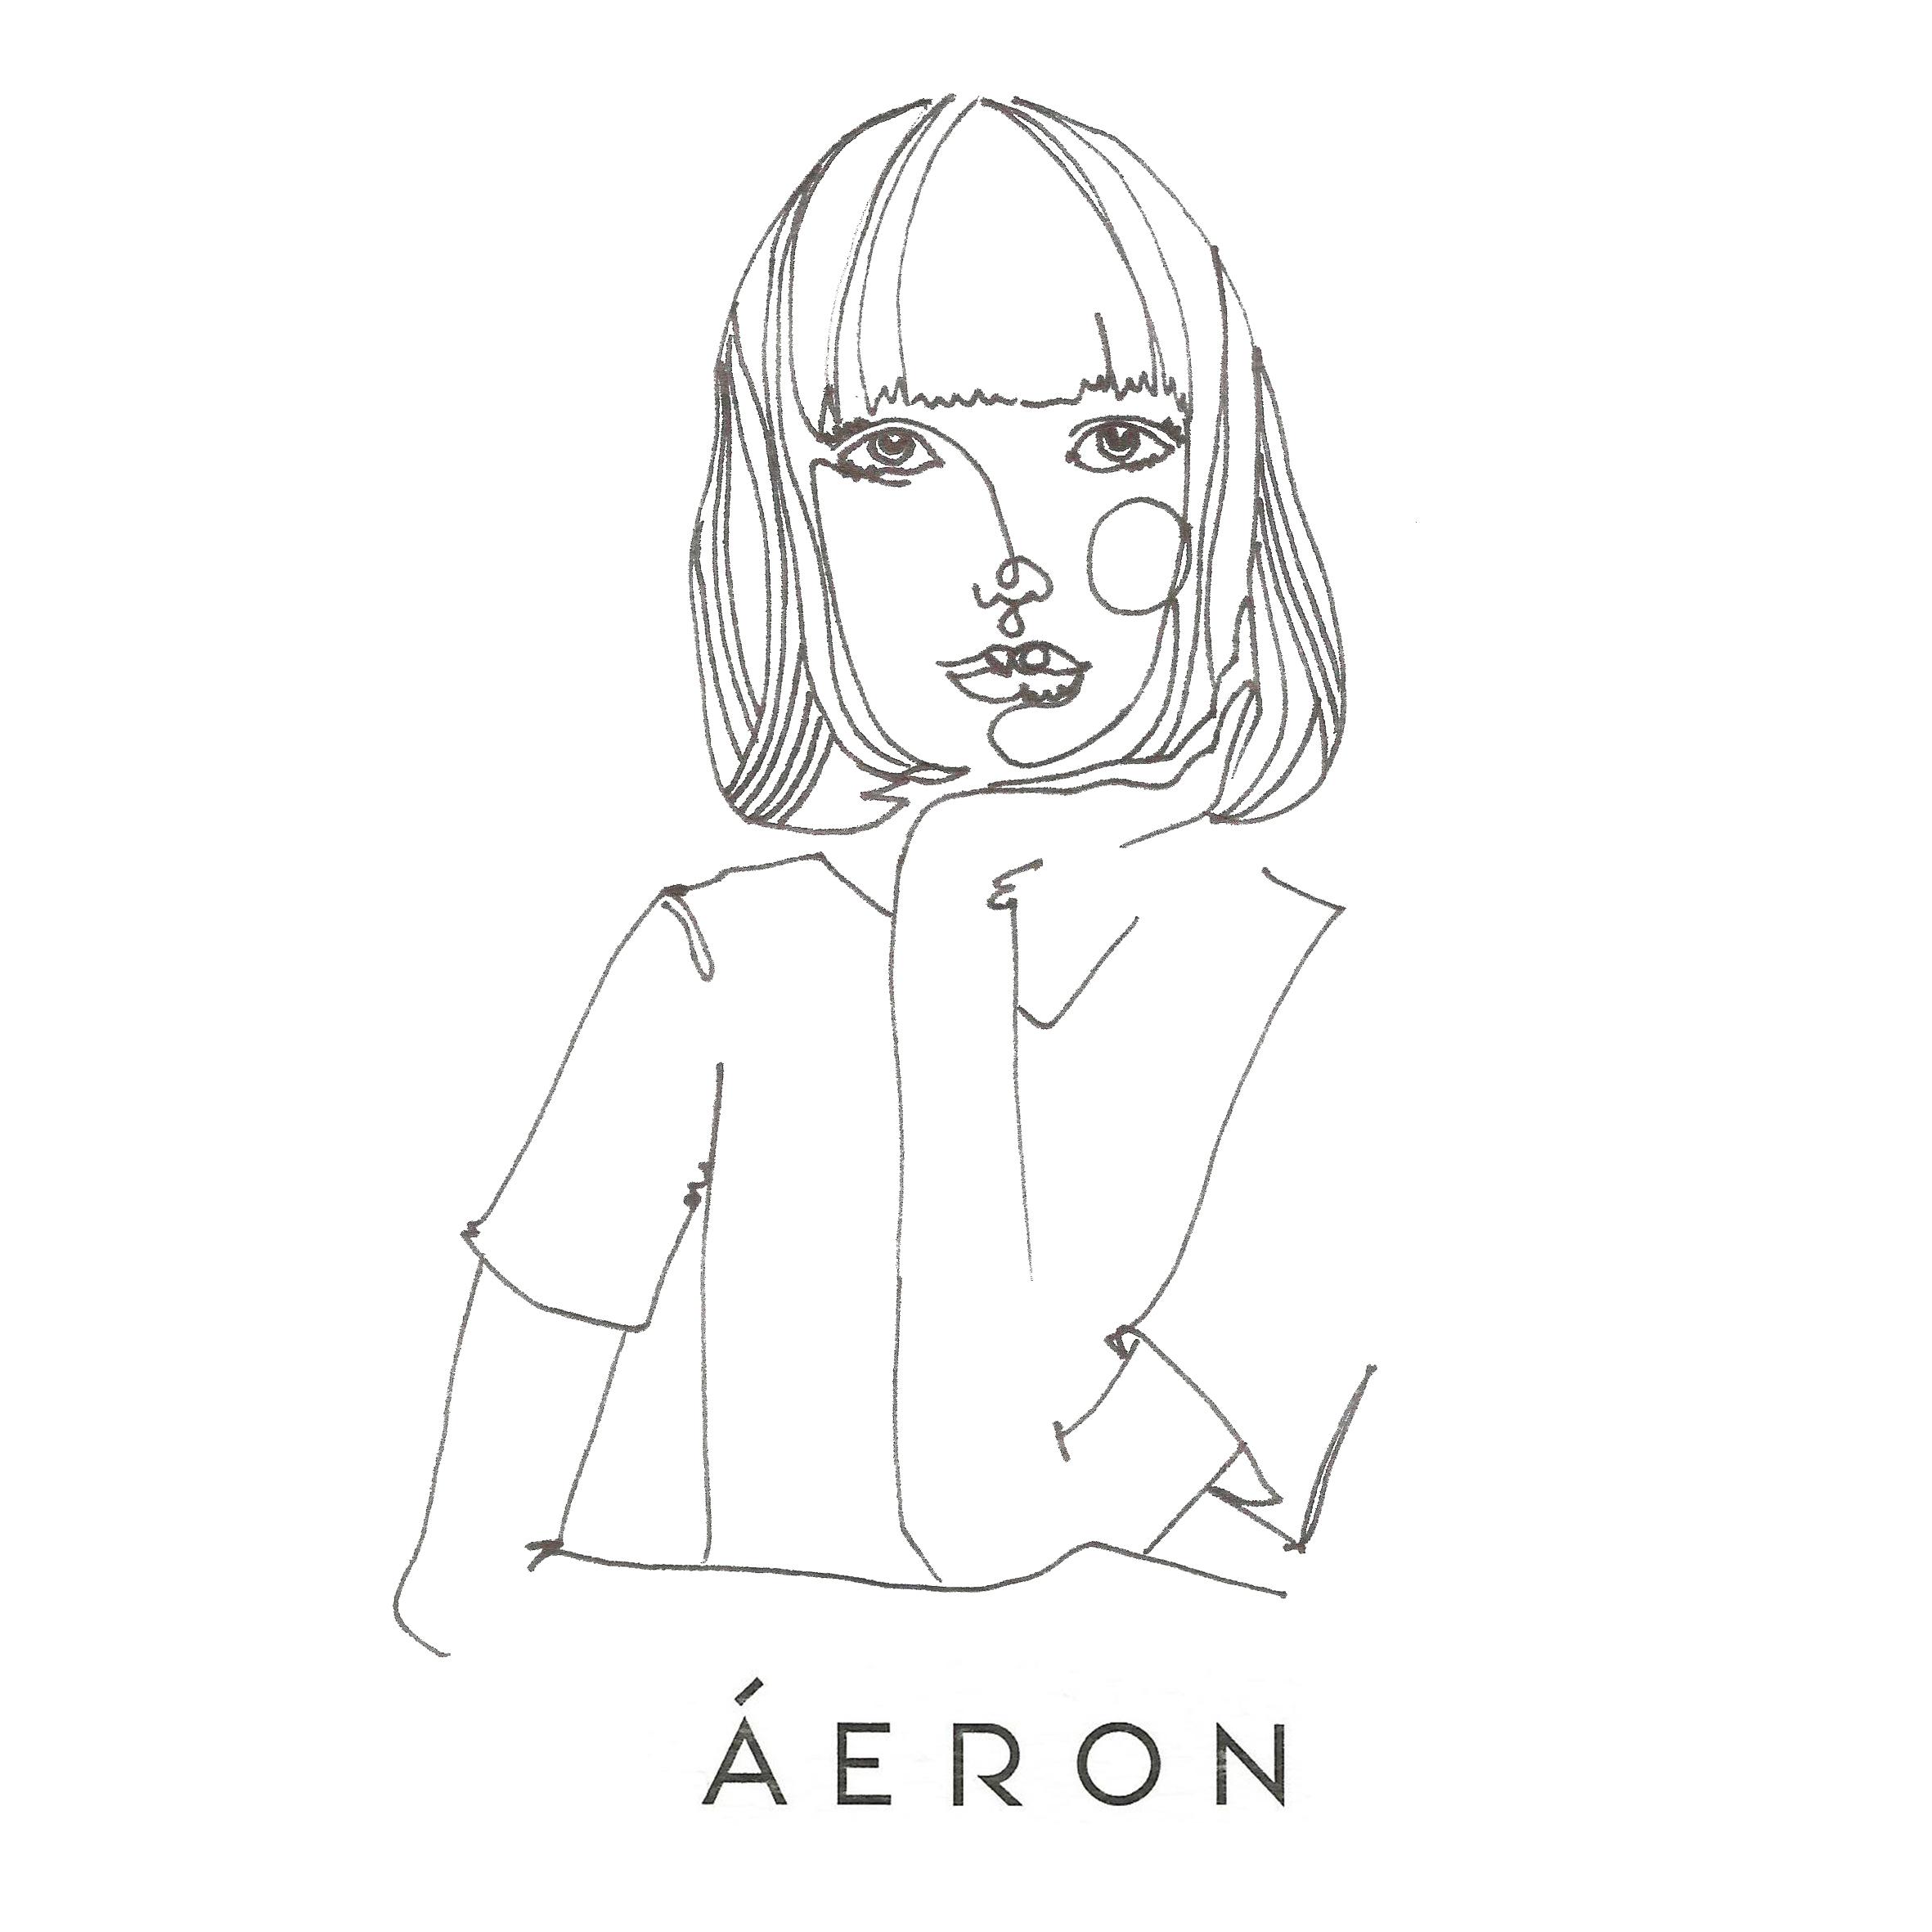 4. kép: Áeron